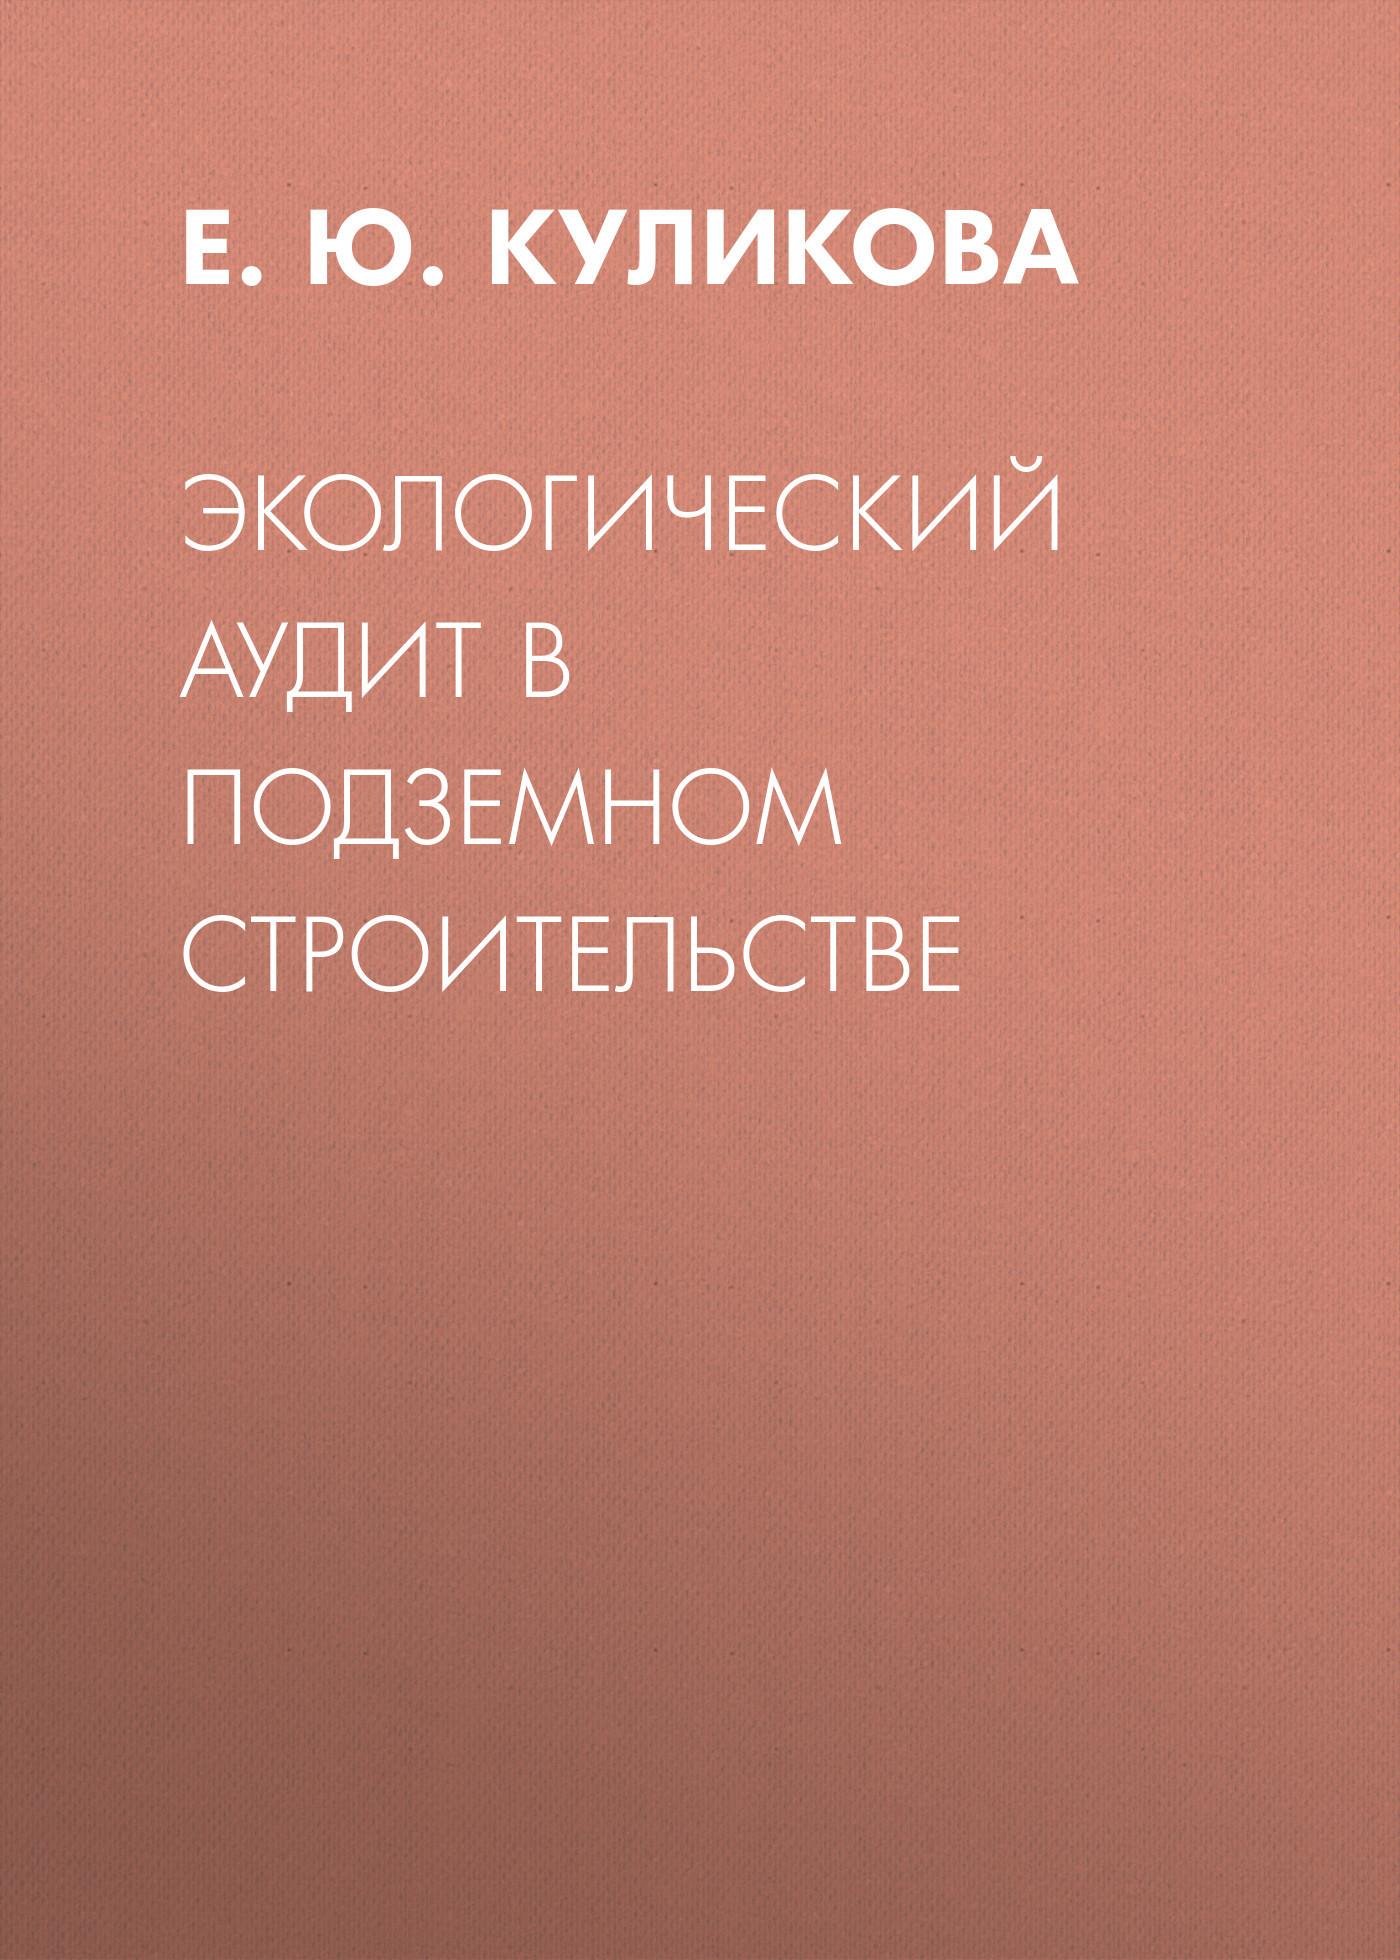 Е. Ю. Куликова. Экологический аудит в подземном строительстве